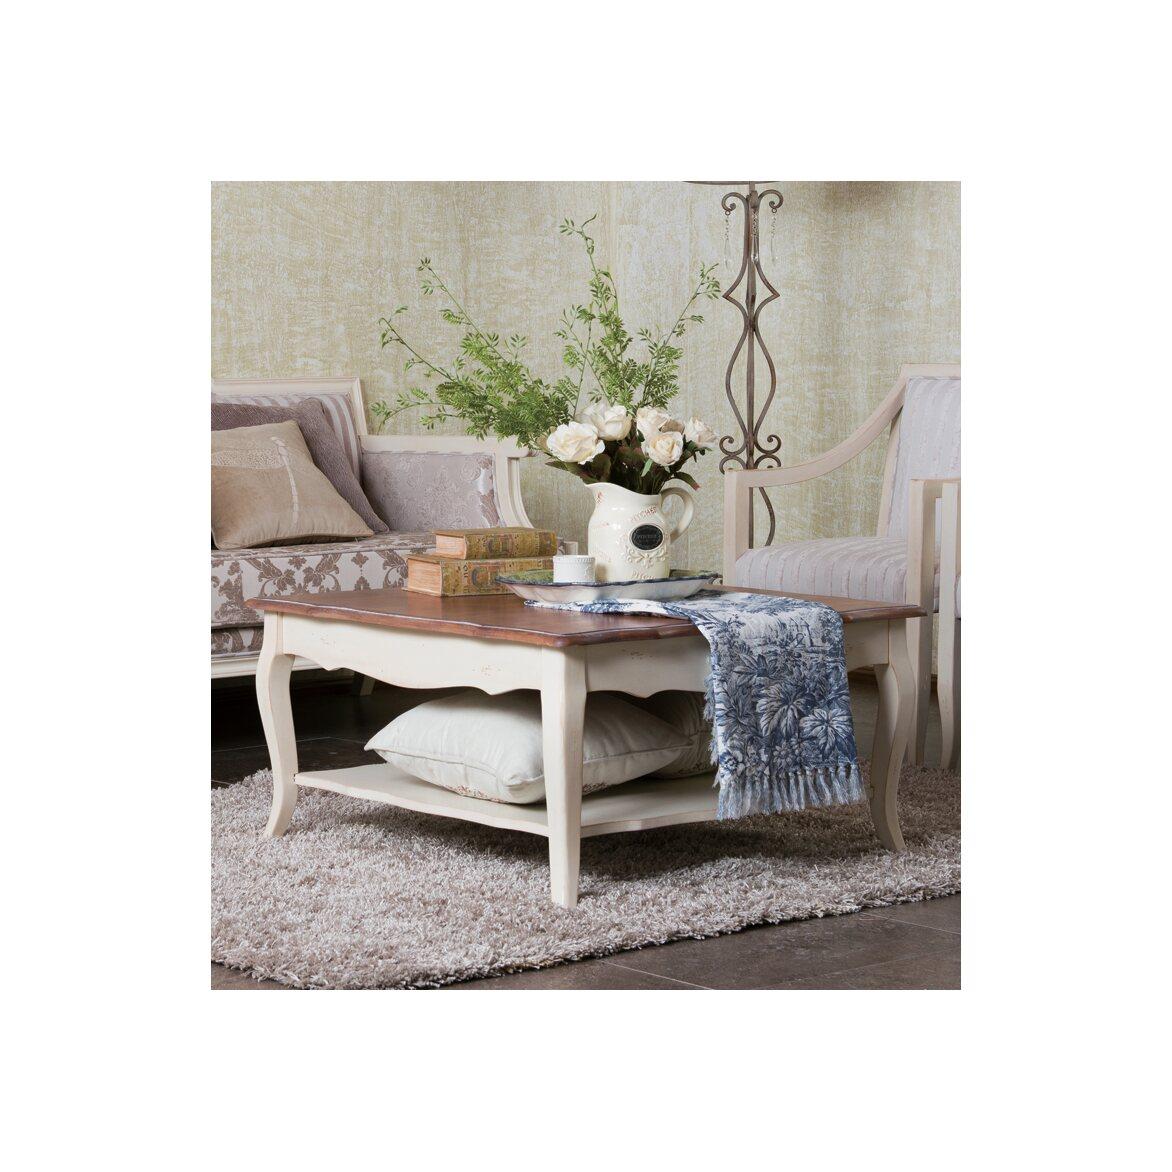 Низкий чайный столик (квадратный) Leontina, бежевого цвета 5 | Журнальные столики Kingsby